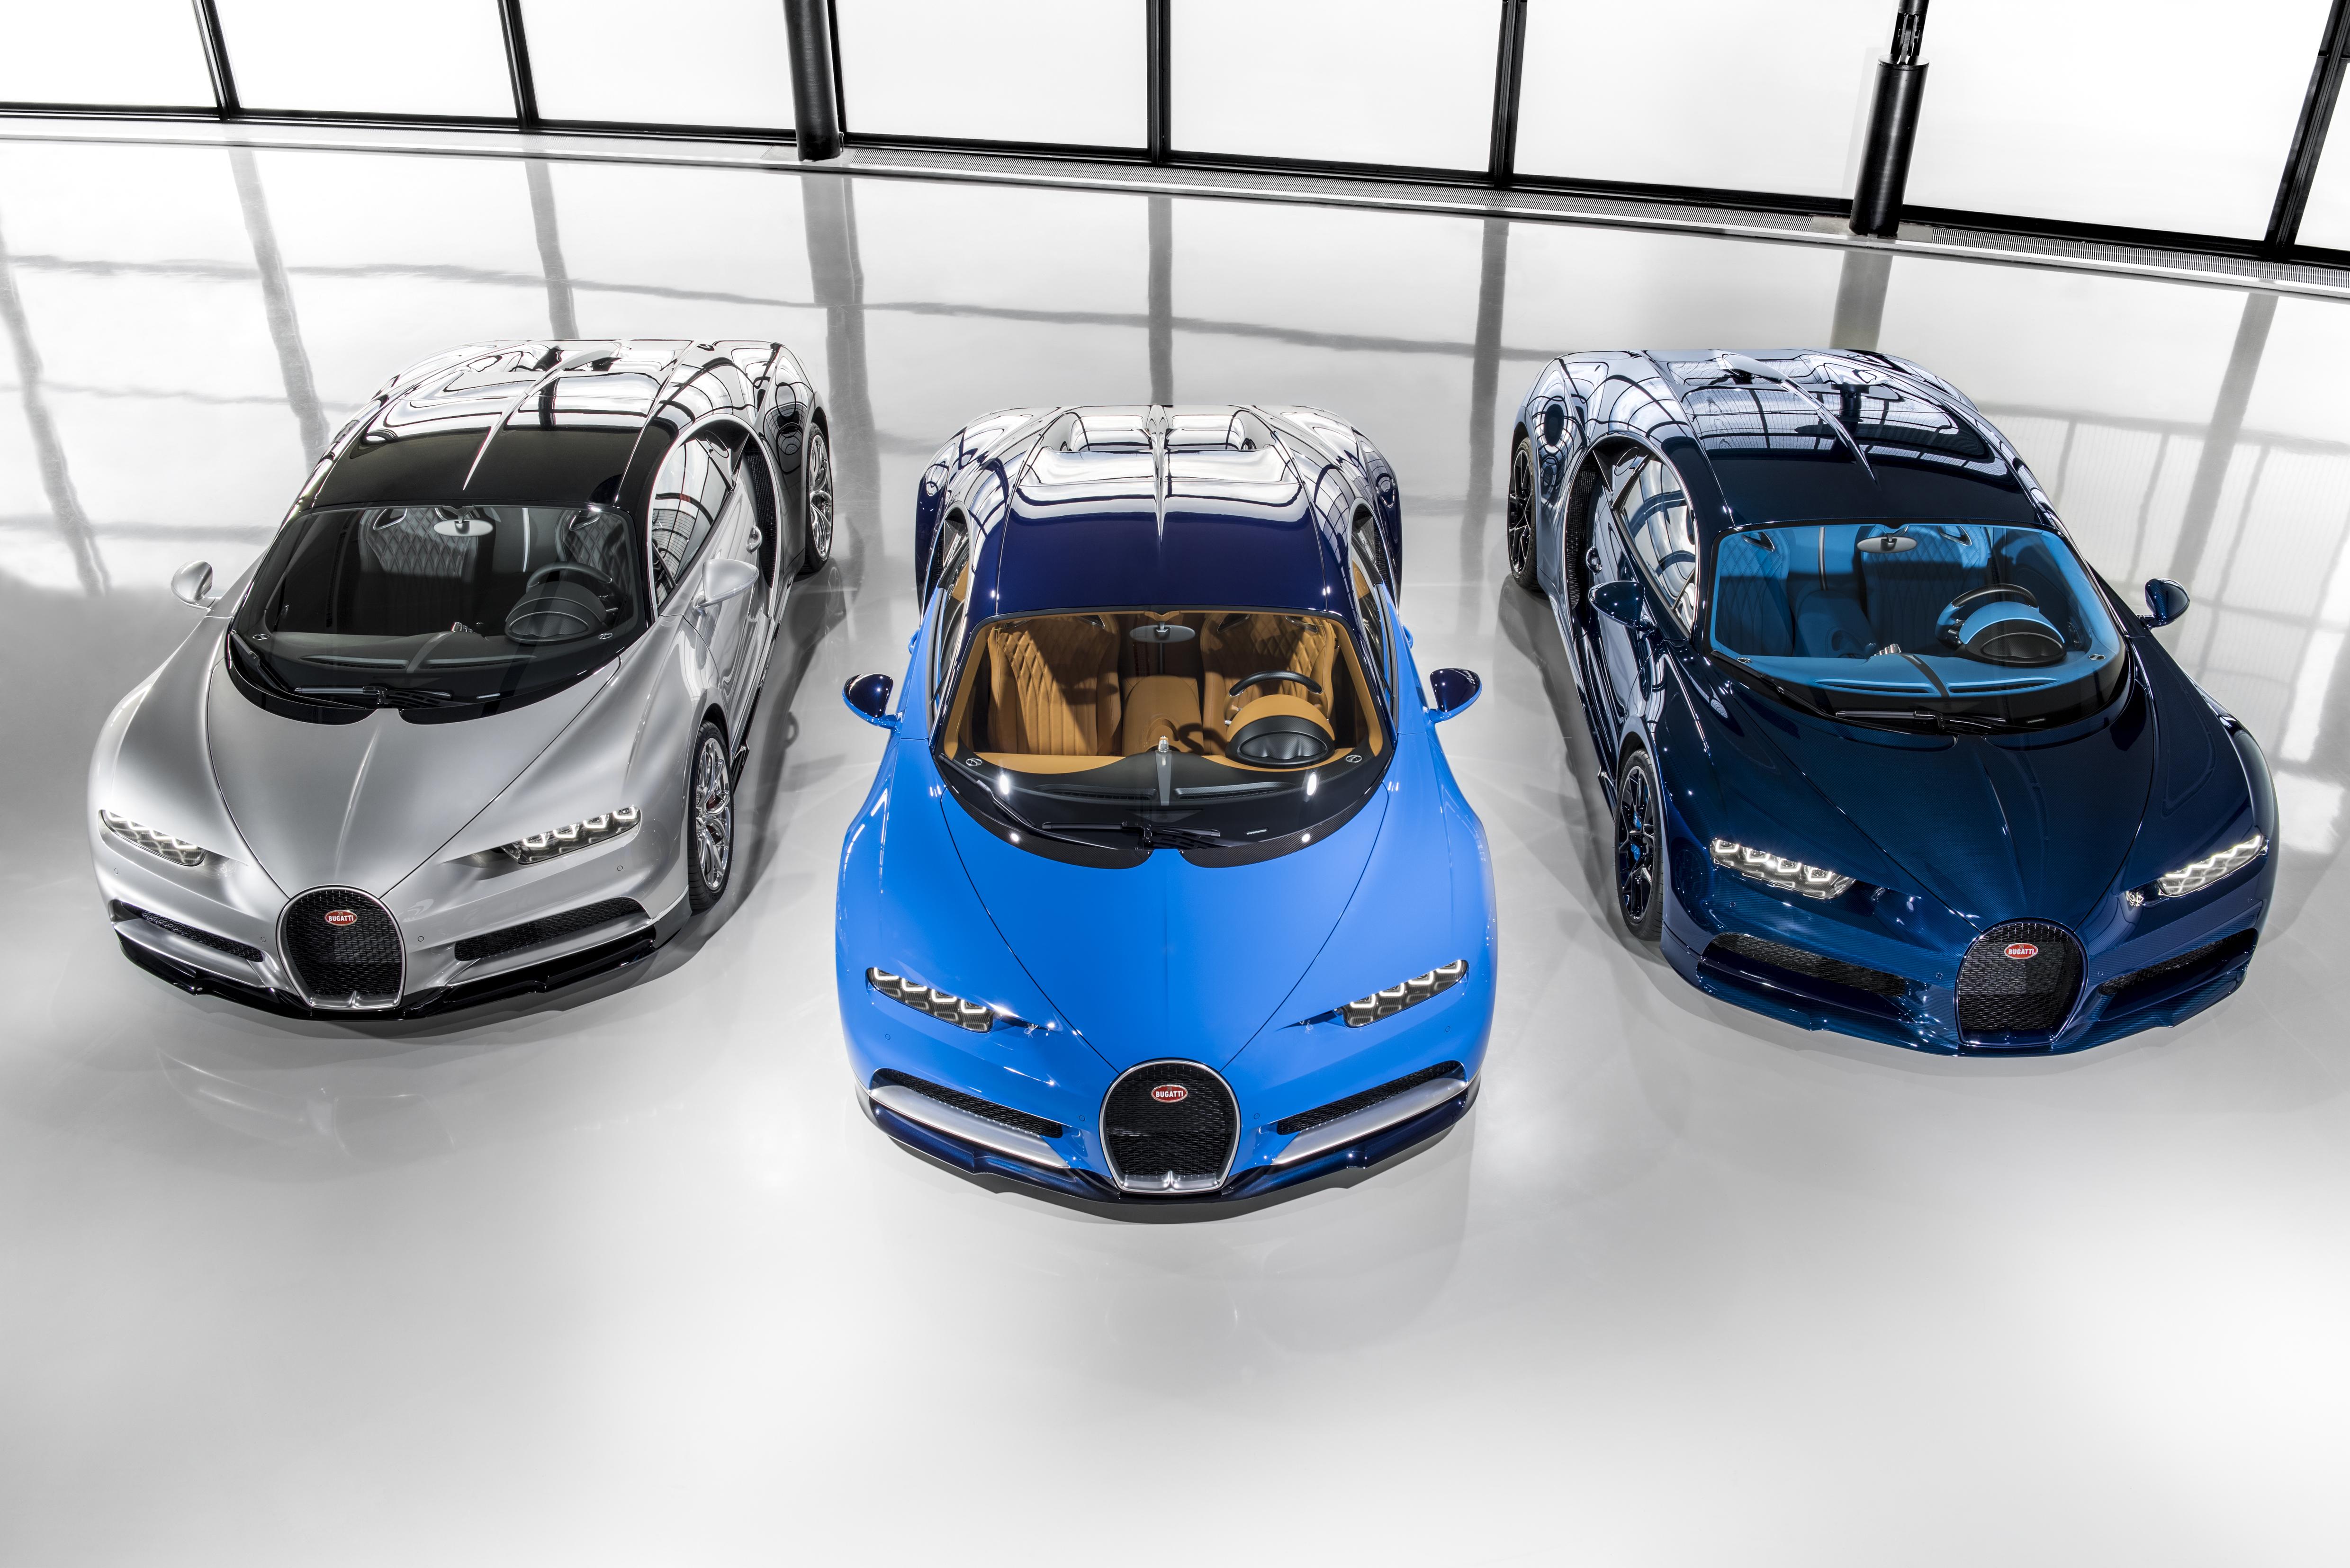 2016 - [Bugatti] Chiron  - Page 15 S0-salon-de-geneve-2017-bugatti-annonce-un-nouveau-modele-397842